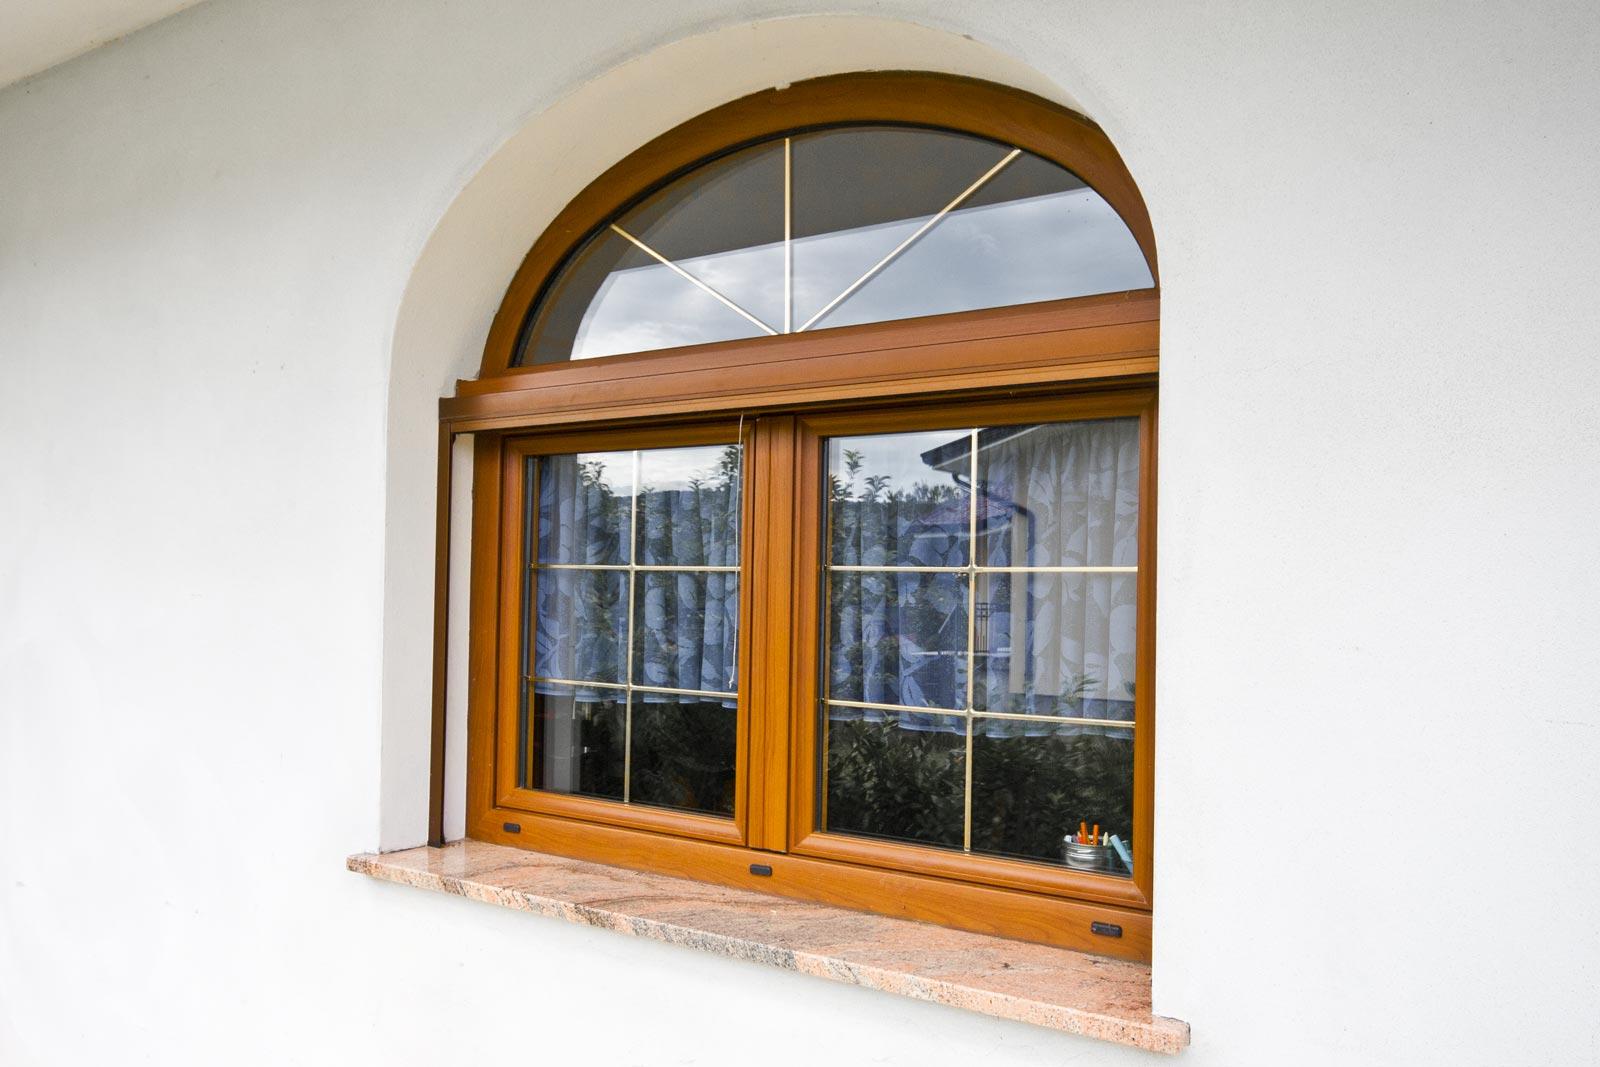 Serramenti ed infissi alluminio legno gorizia serralluminio for Finestra esterna scorrevole